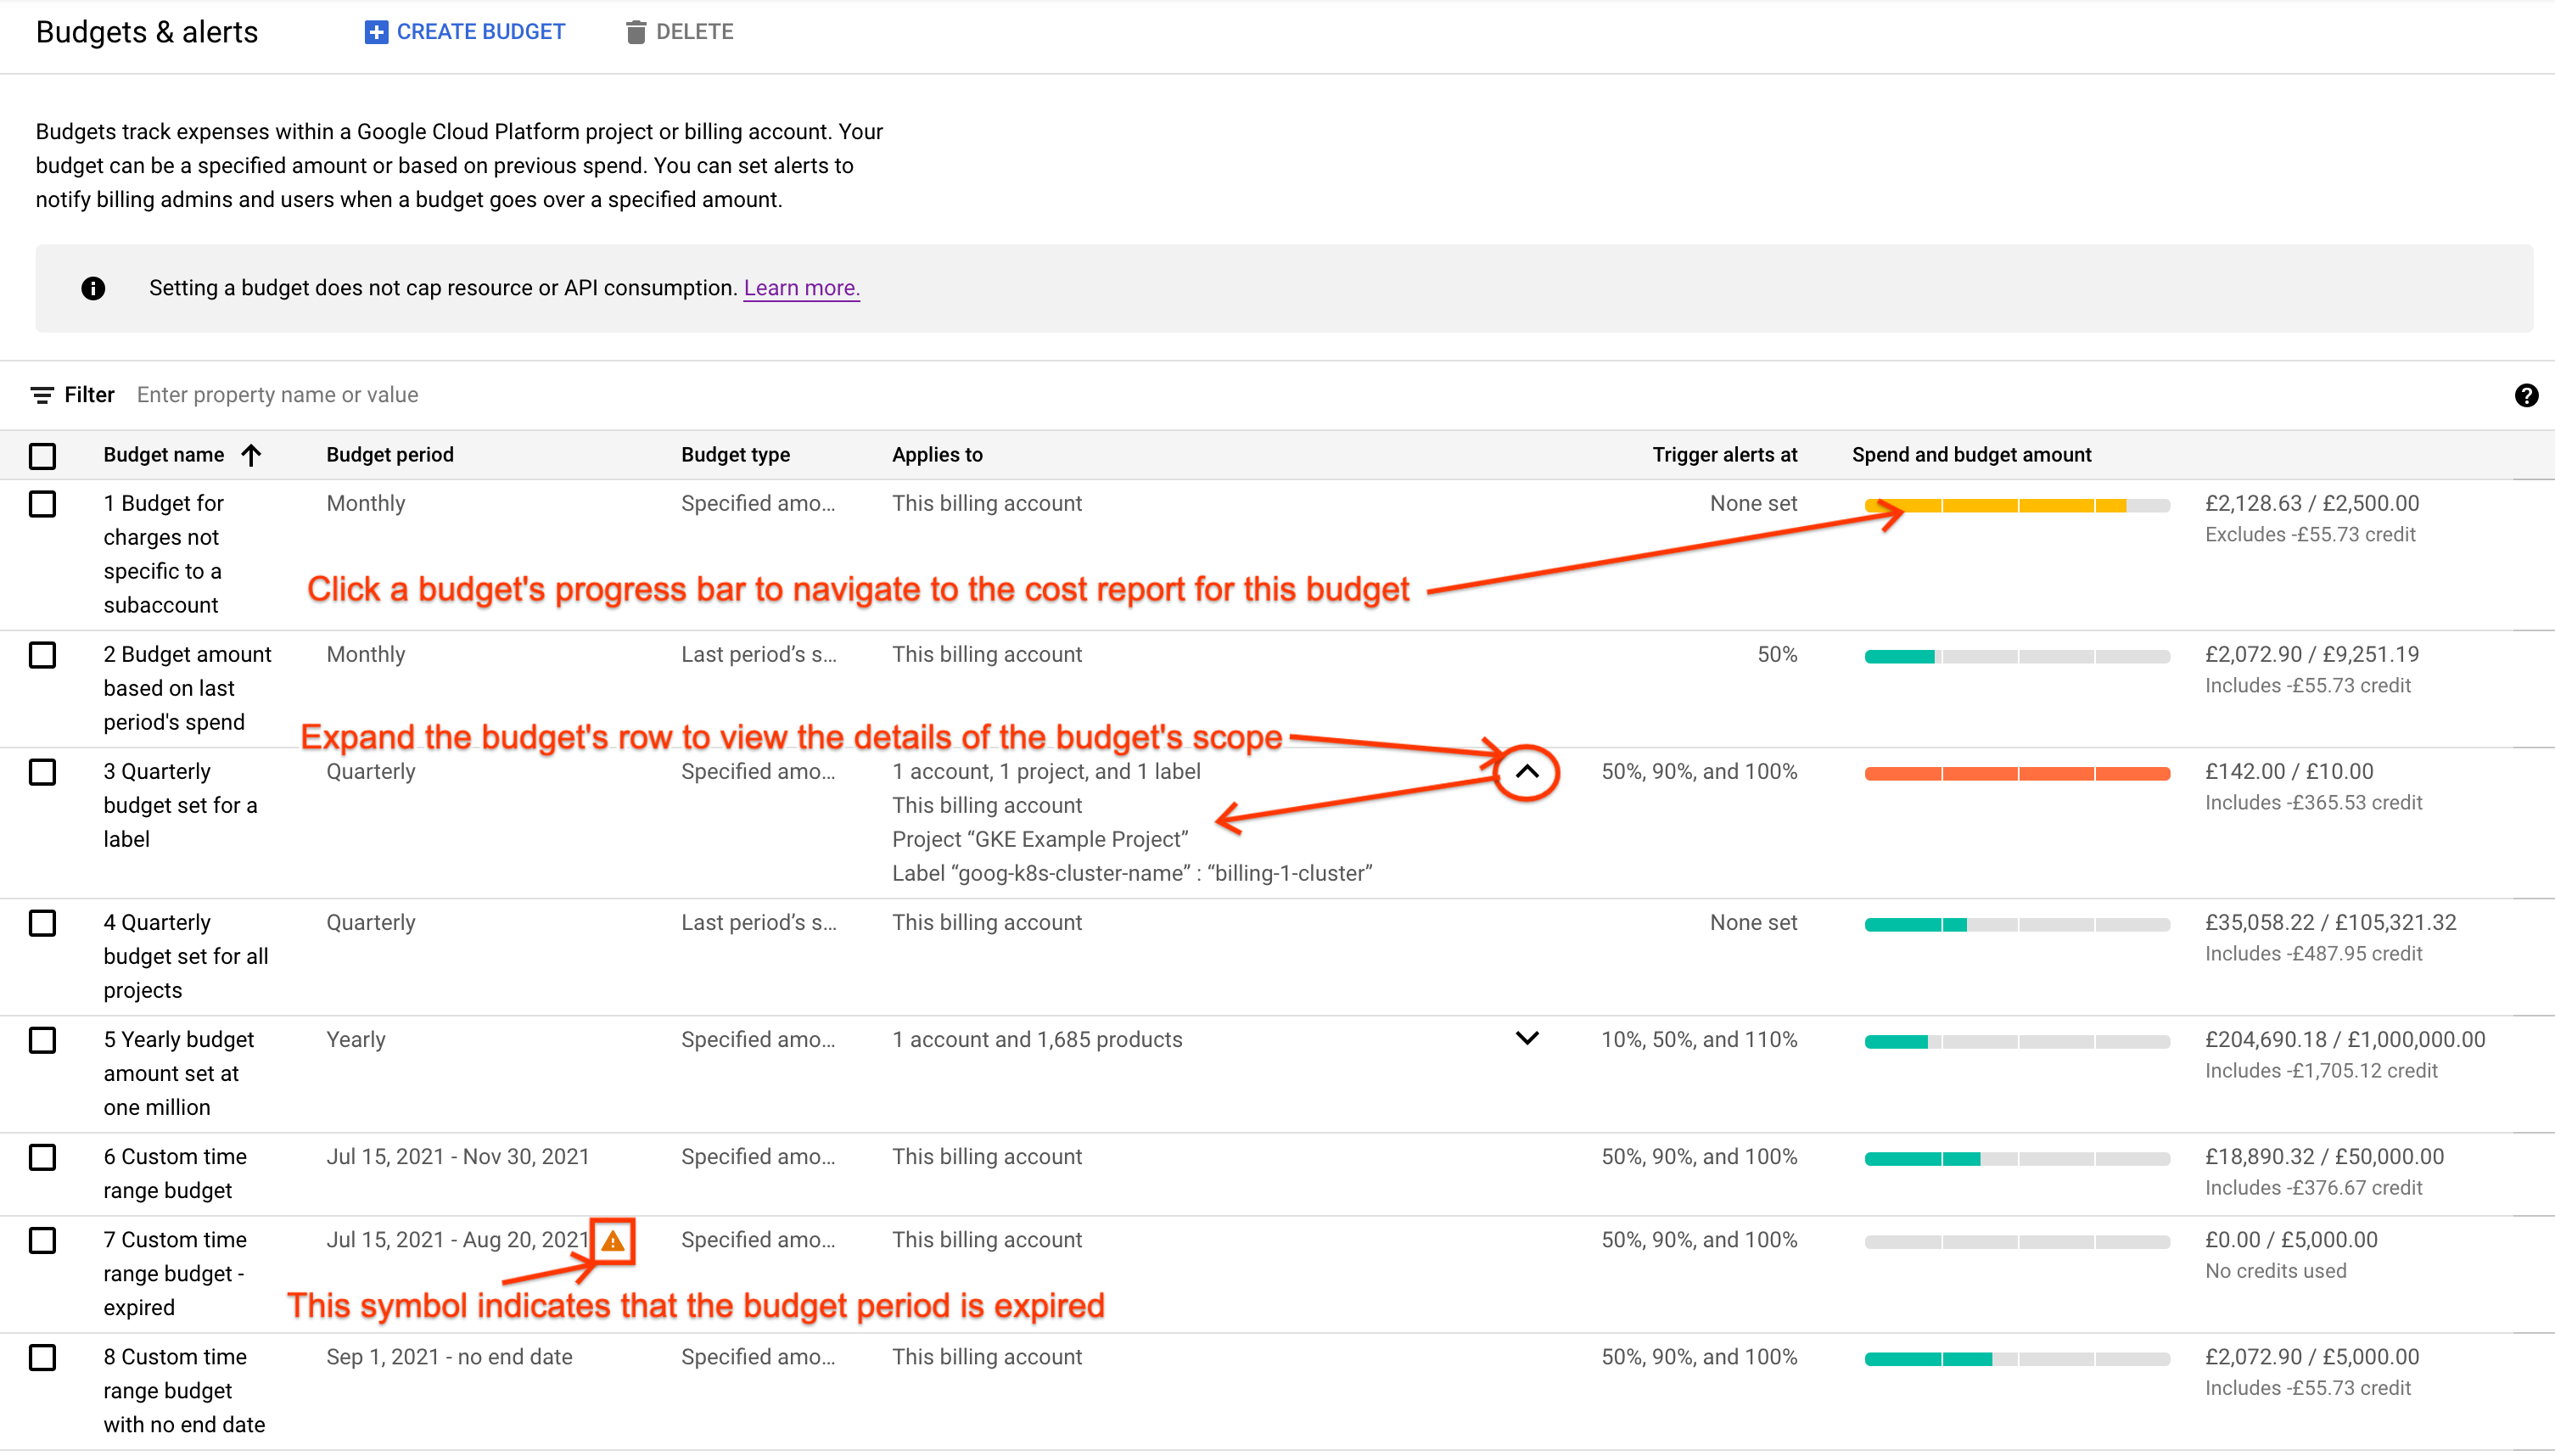 Google Cloud Console でアクセスできる [予算とアラート] ページの例。このページには、予算のリストが表形式で表示されます。